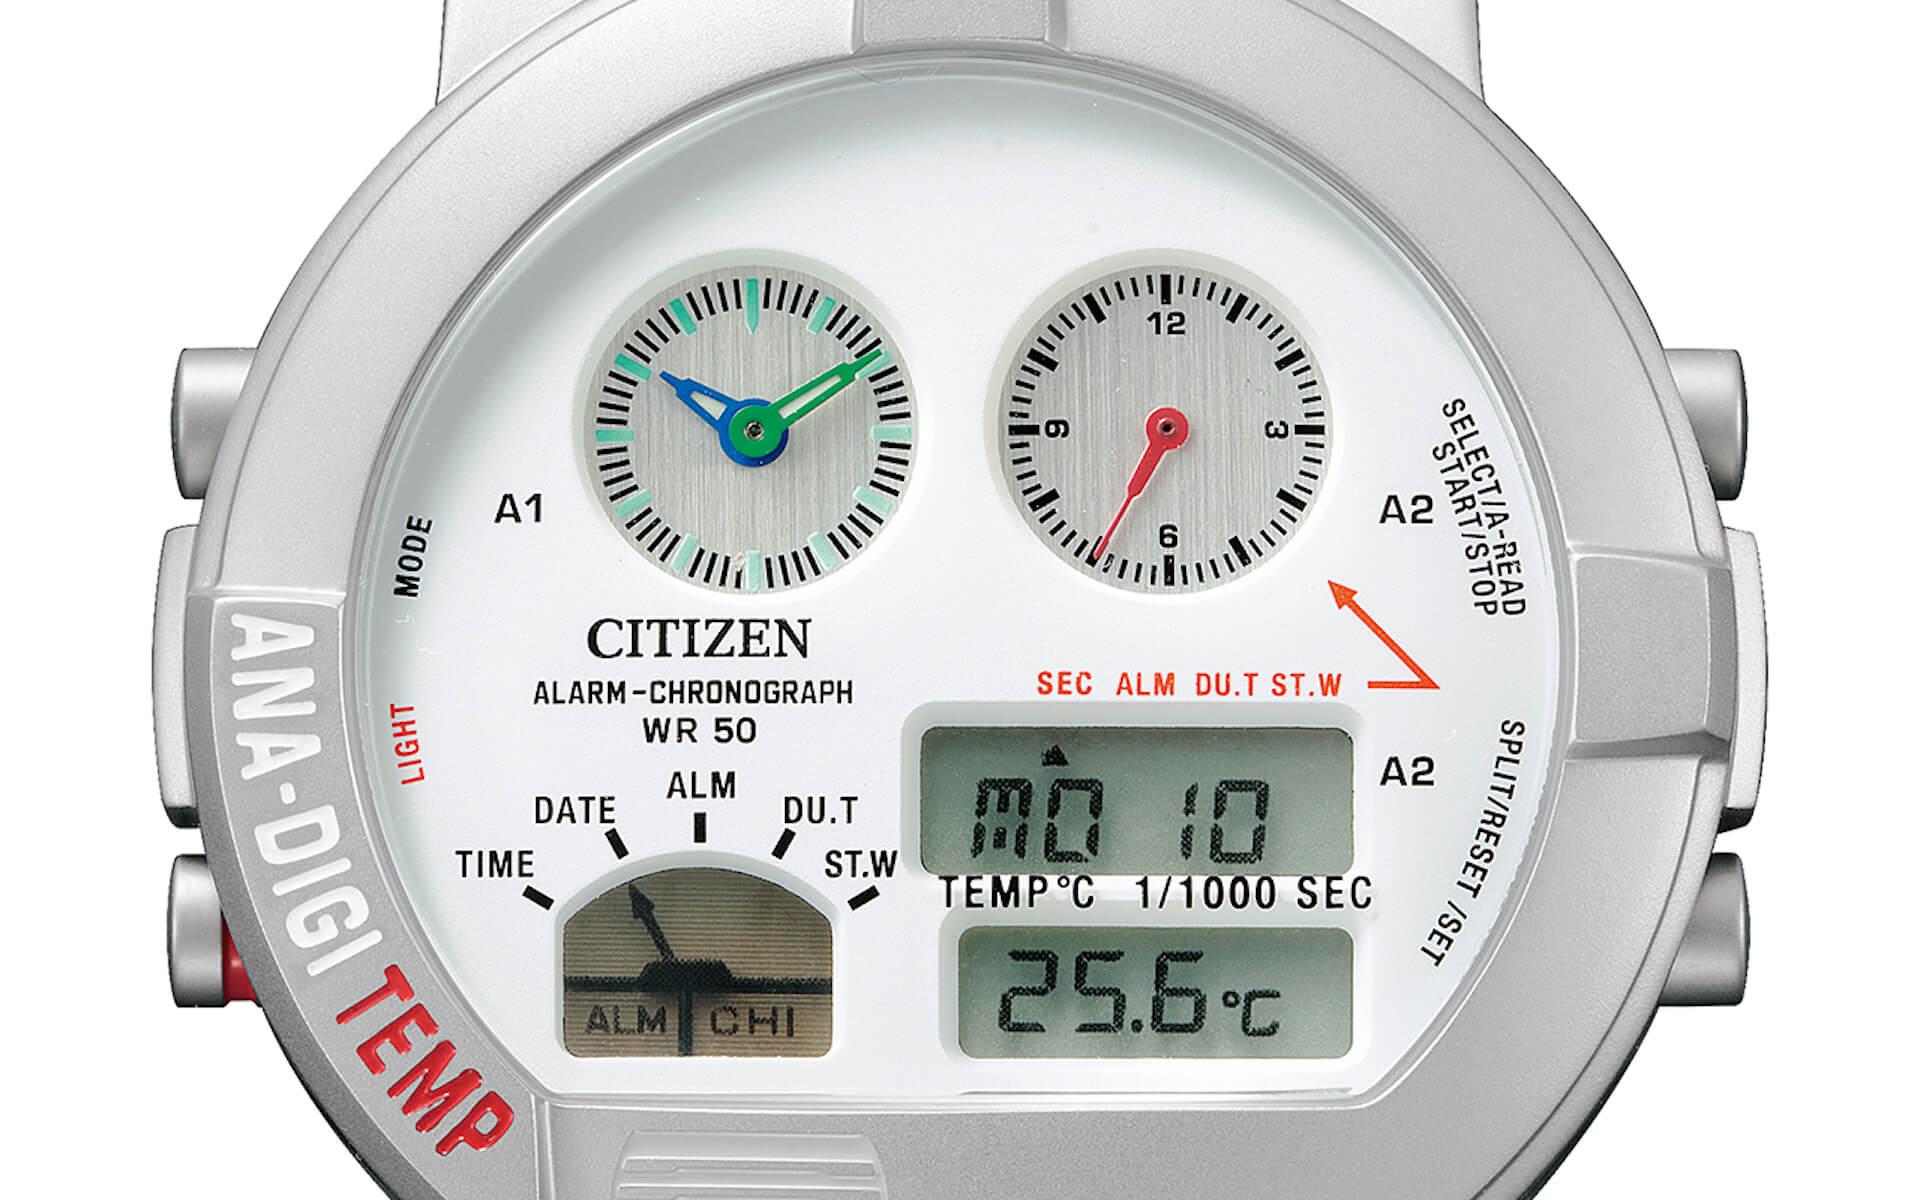 シチズン「RECORD LABEL」から人気モデル『ANA-DIGI TEMP ROUND』のオンタイム・ムーヴ別注モデルが発売決定! tech210610_citizen_recordlabel_8